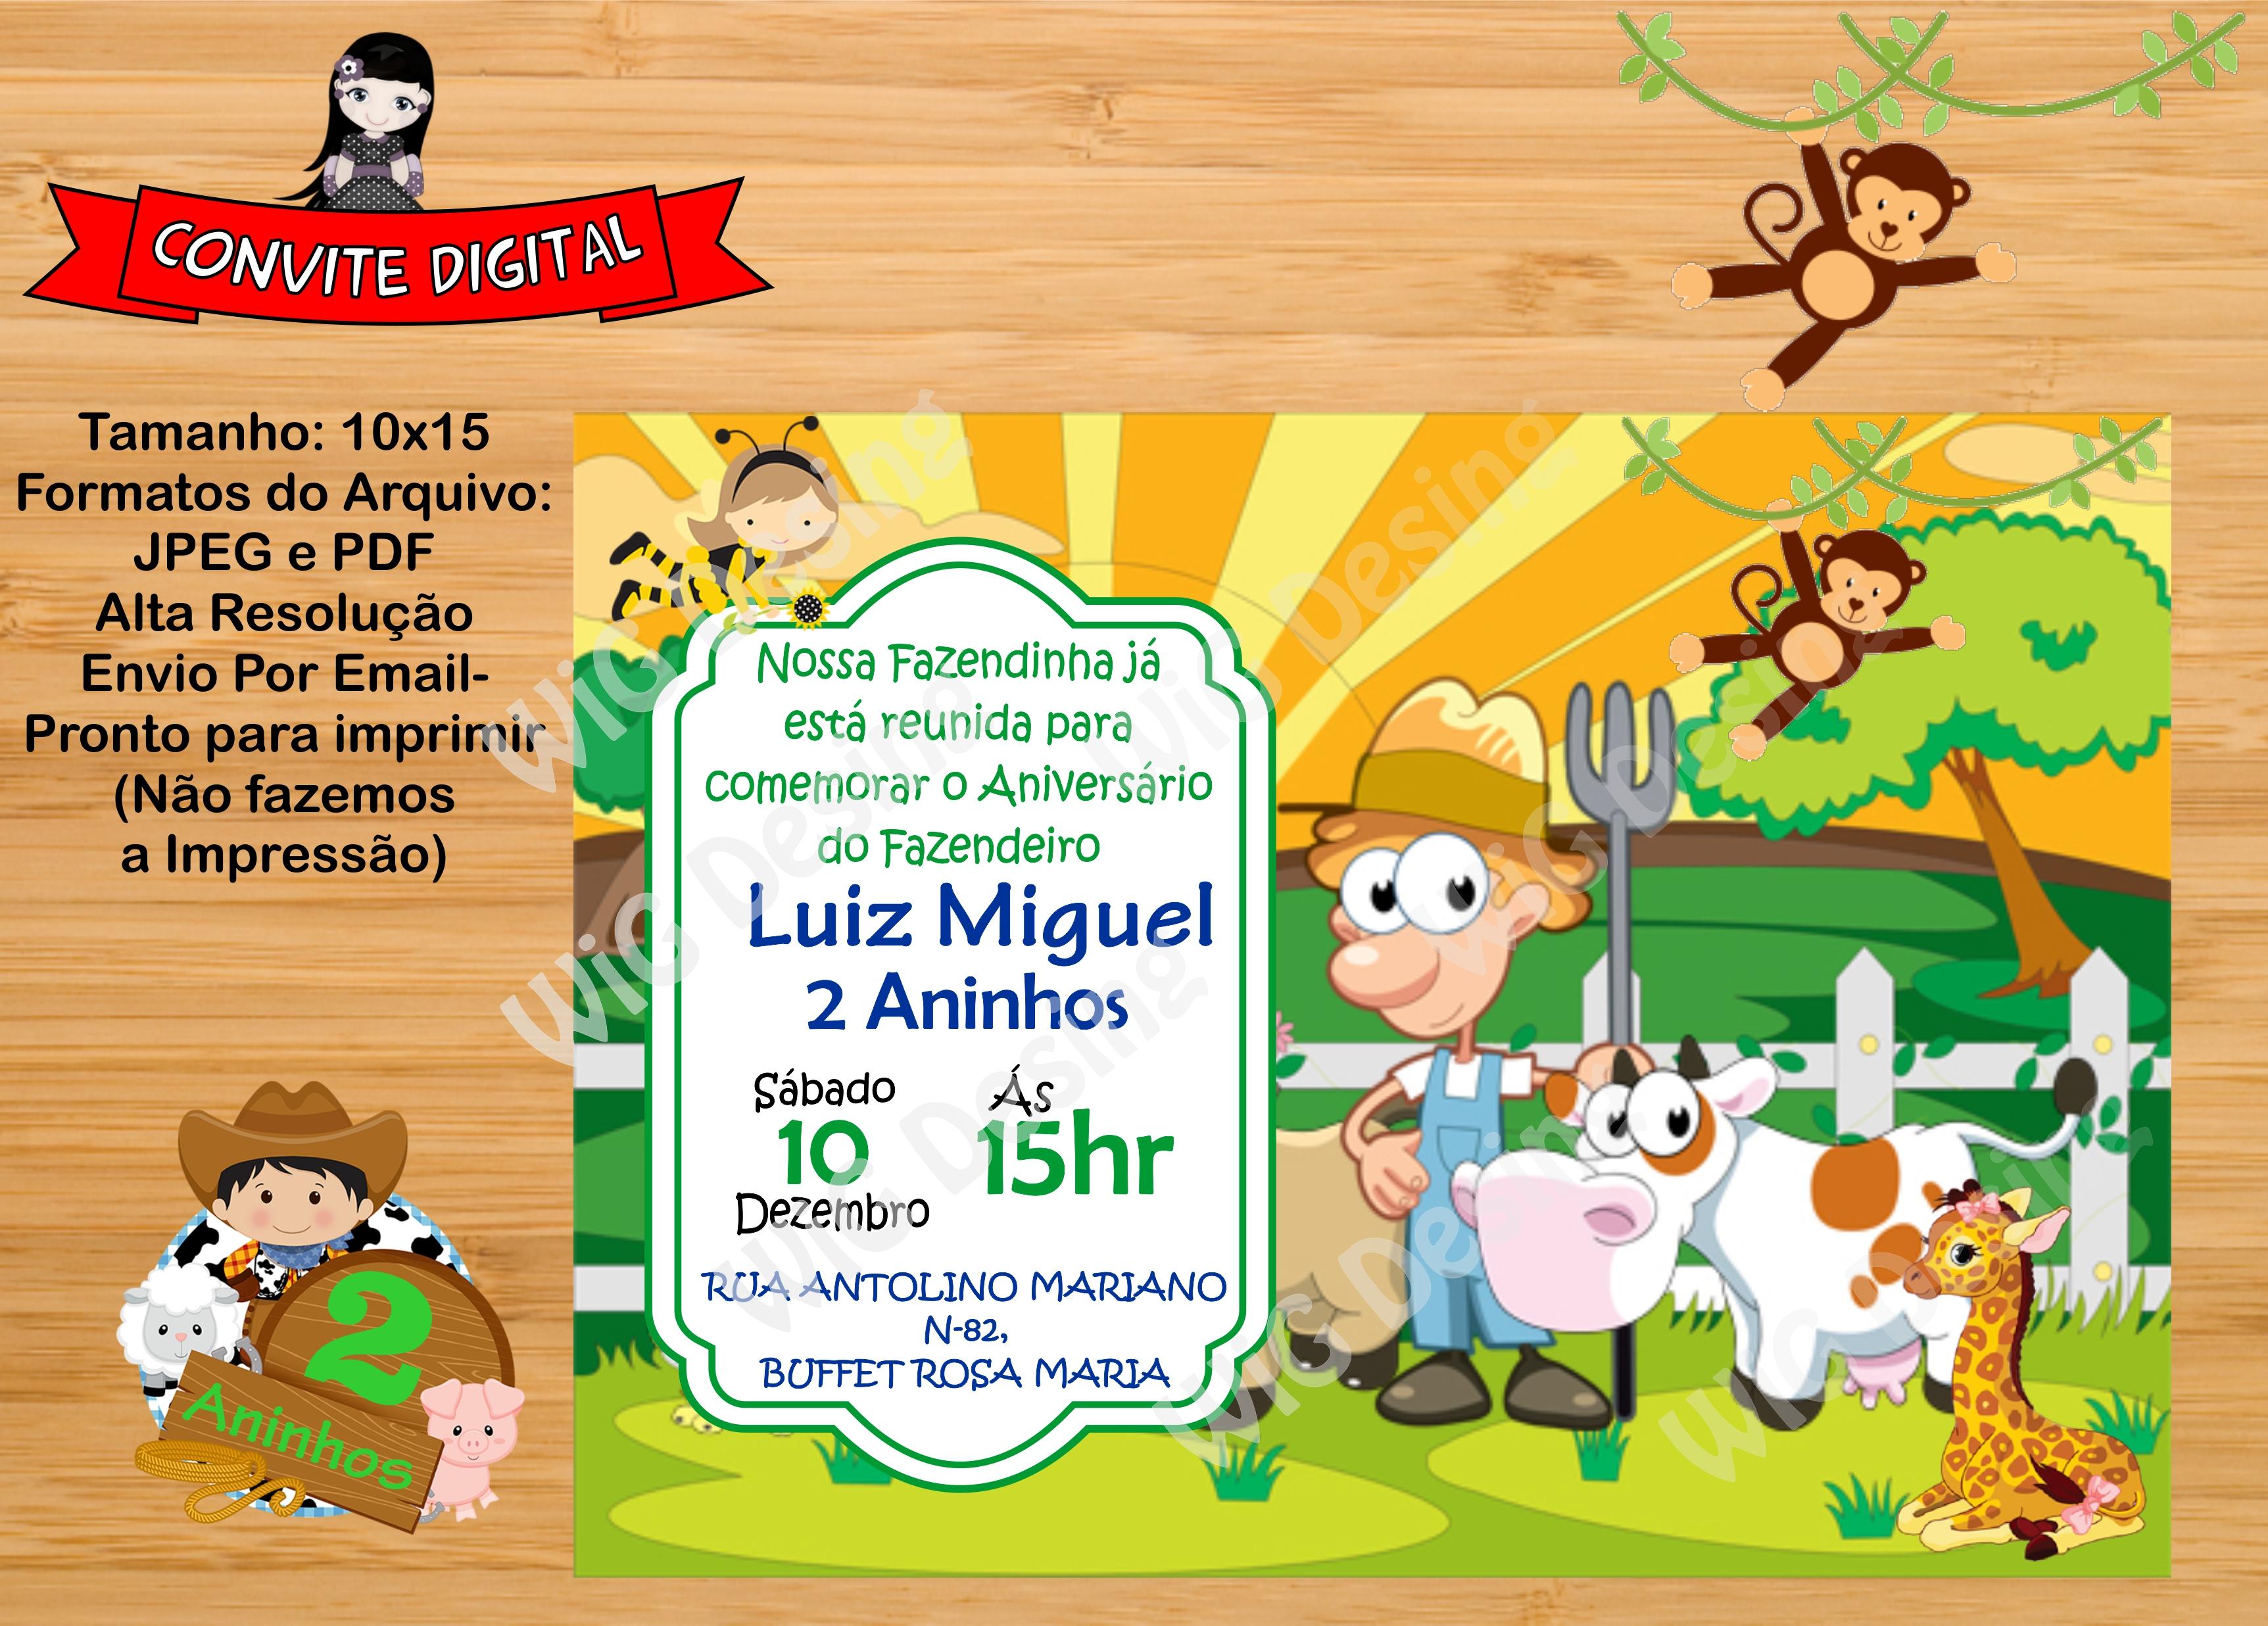 Convite Fazendinha Digital No Elo7 Wig Design 7c02a1